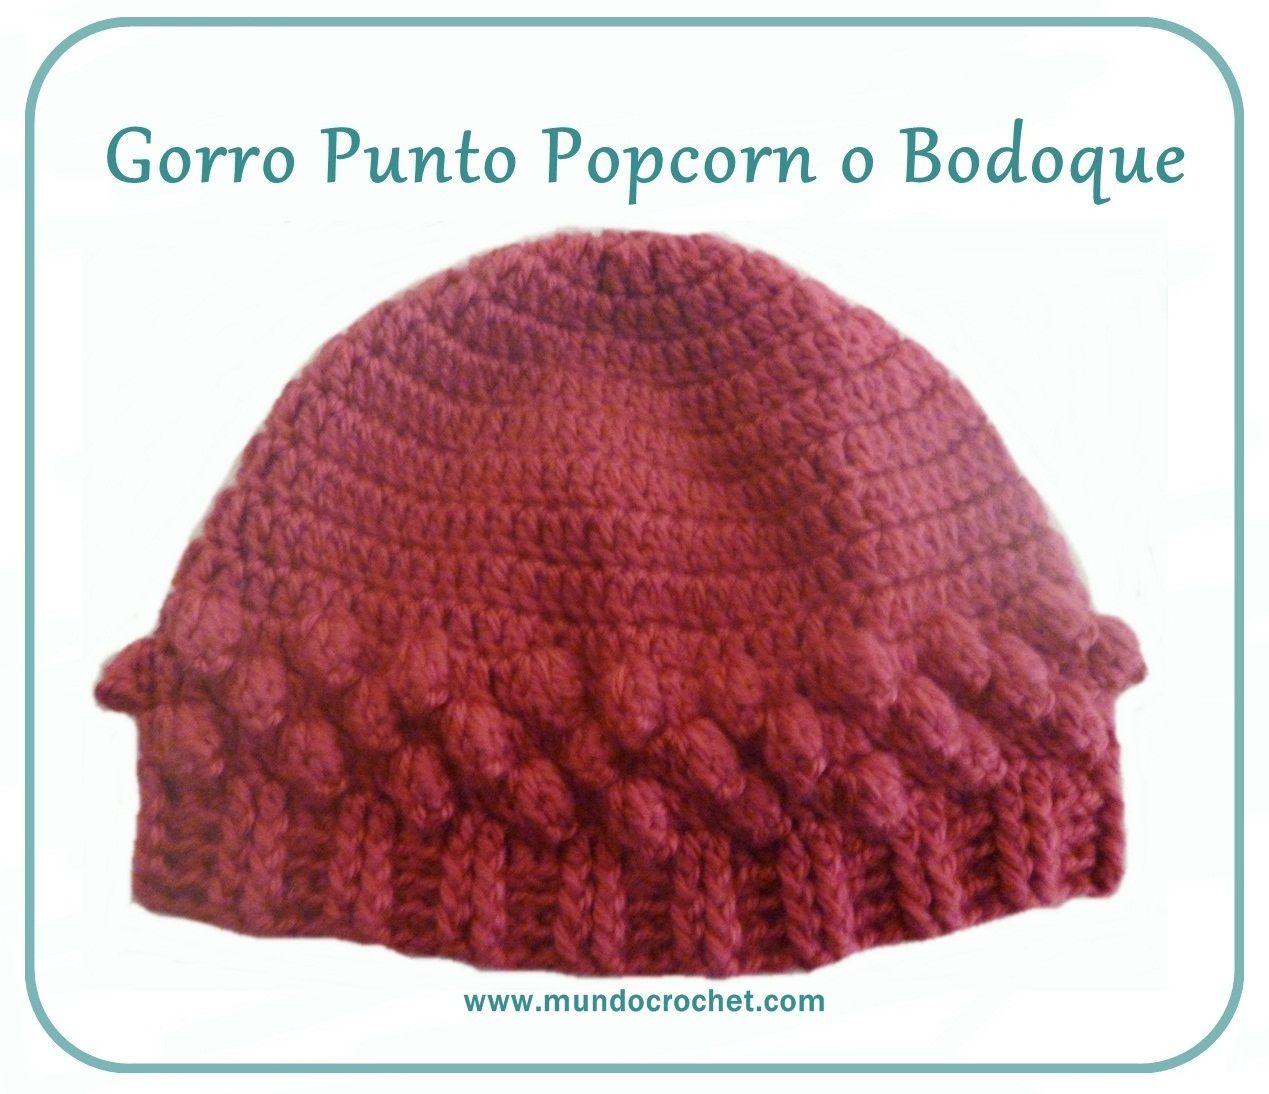 Gorro Punto Popcorn o Bodoque-crop. instrucciones, foto y patrón ...